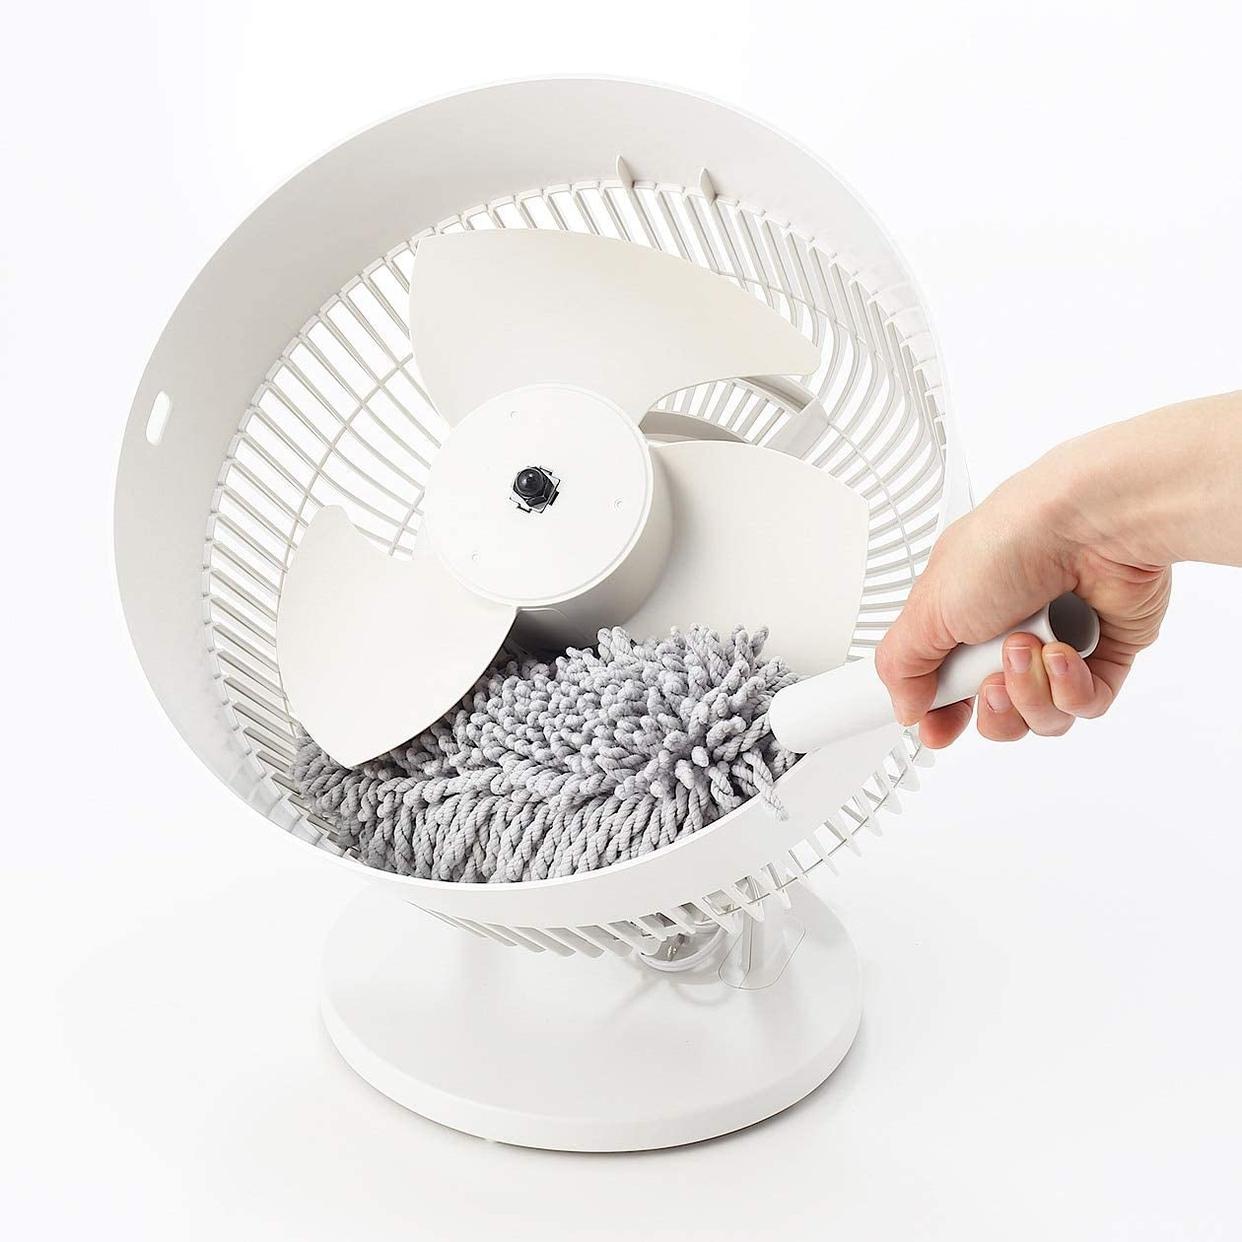 無印良品(MUJI) サーキュレーター(低騒音ファン・大風量タイプ) AT-CF26R-Wの商品画像7